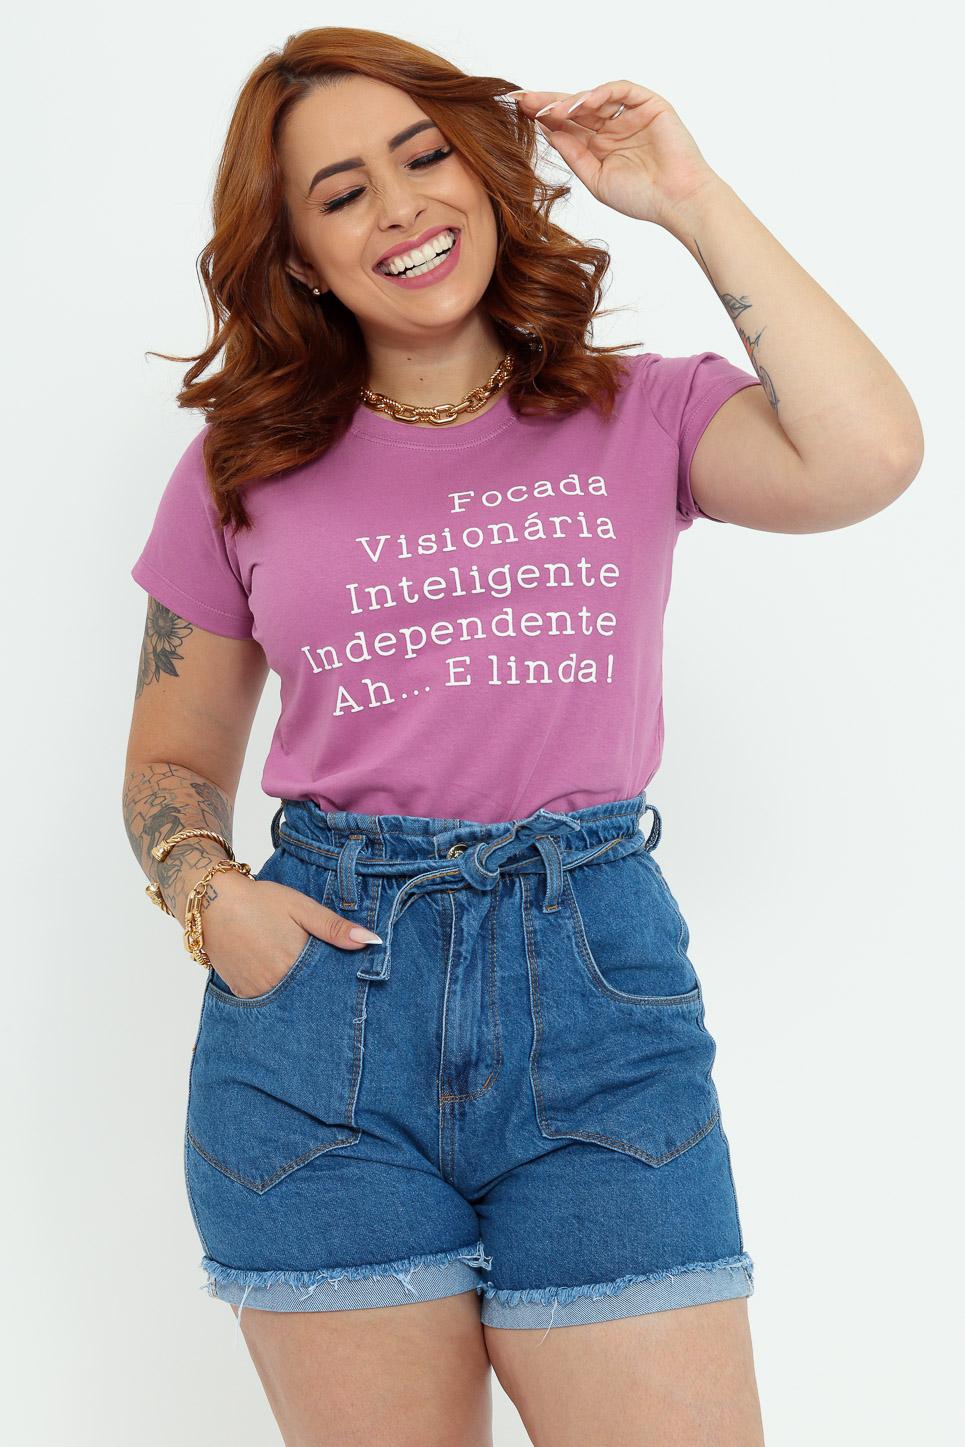 Focada, Visionaria, Inteligente, Ah...e Linda! - Lavanda (zoom)